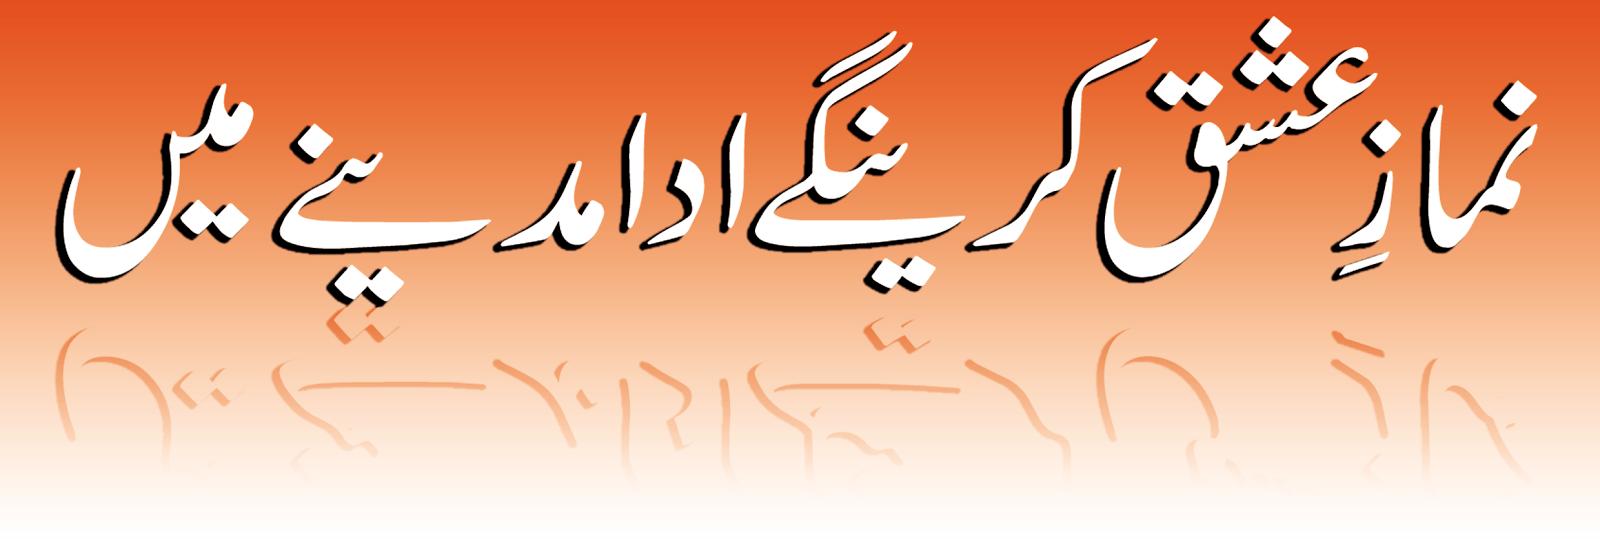 Namaz-e-Ishq